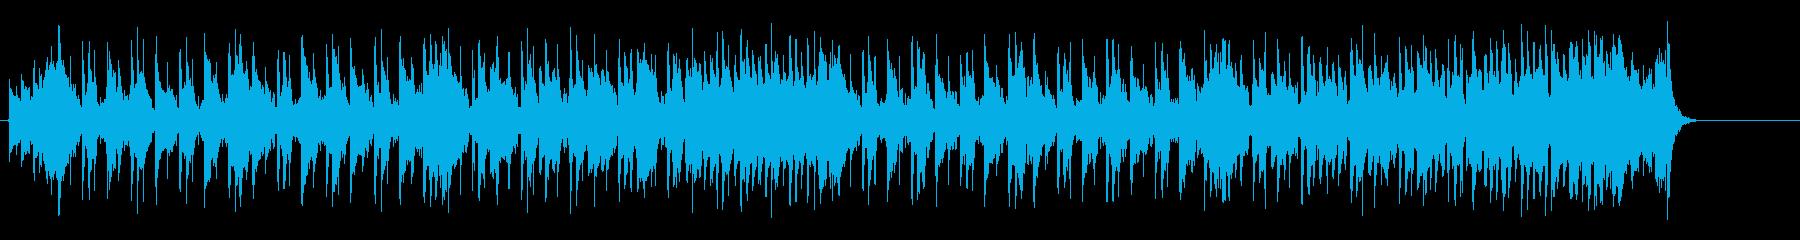 気怠くコミカルなポップ・フュージョンの再生済みの波形